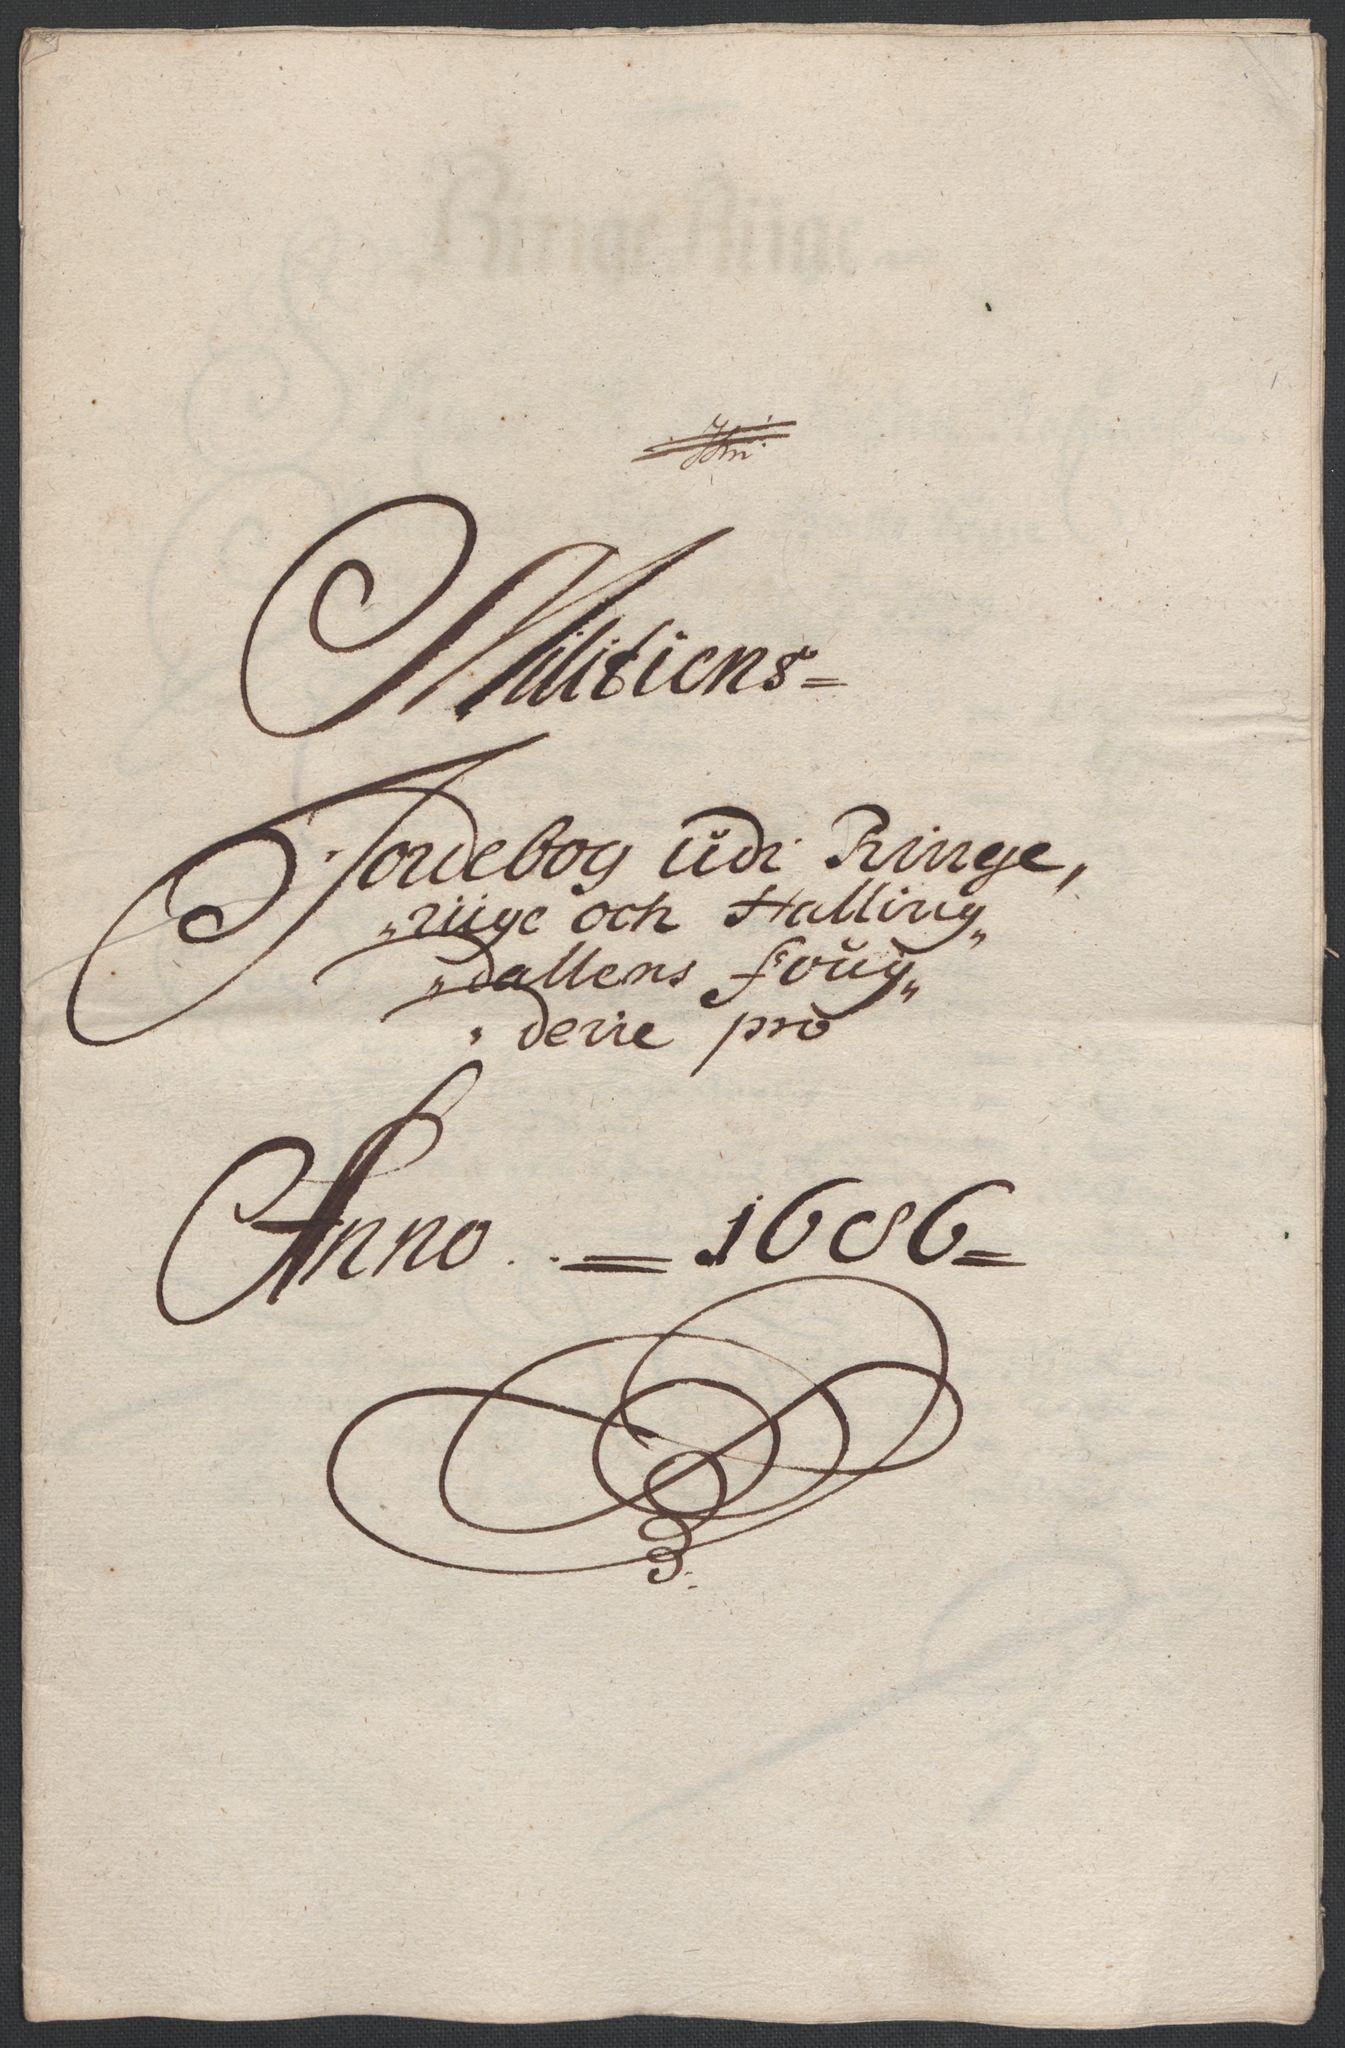 RA, Rentekammeret inntil 1814, Reviderte regnskaper, Fogderegnskap, R21/L1446: Fogderegnskap Ringerike og Hallingdal, 1683-1686, s. 519